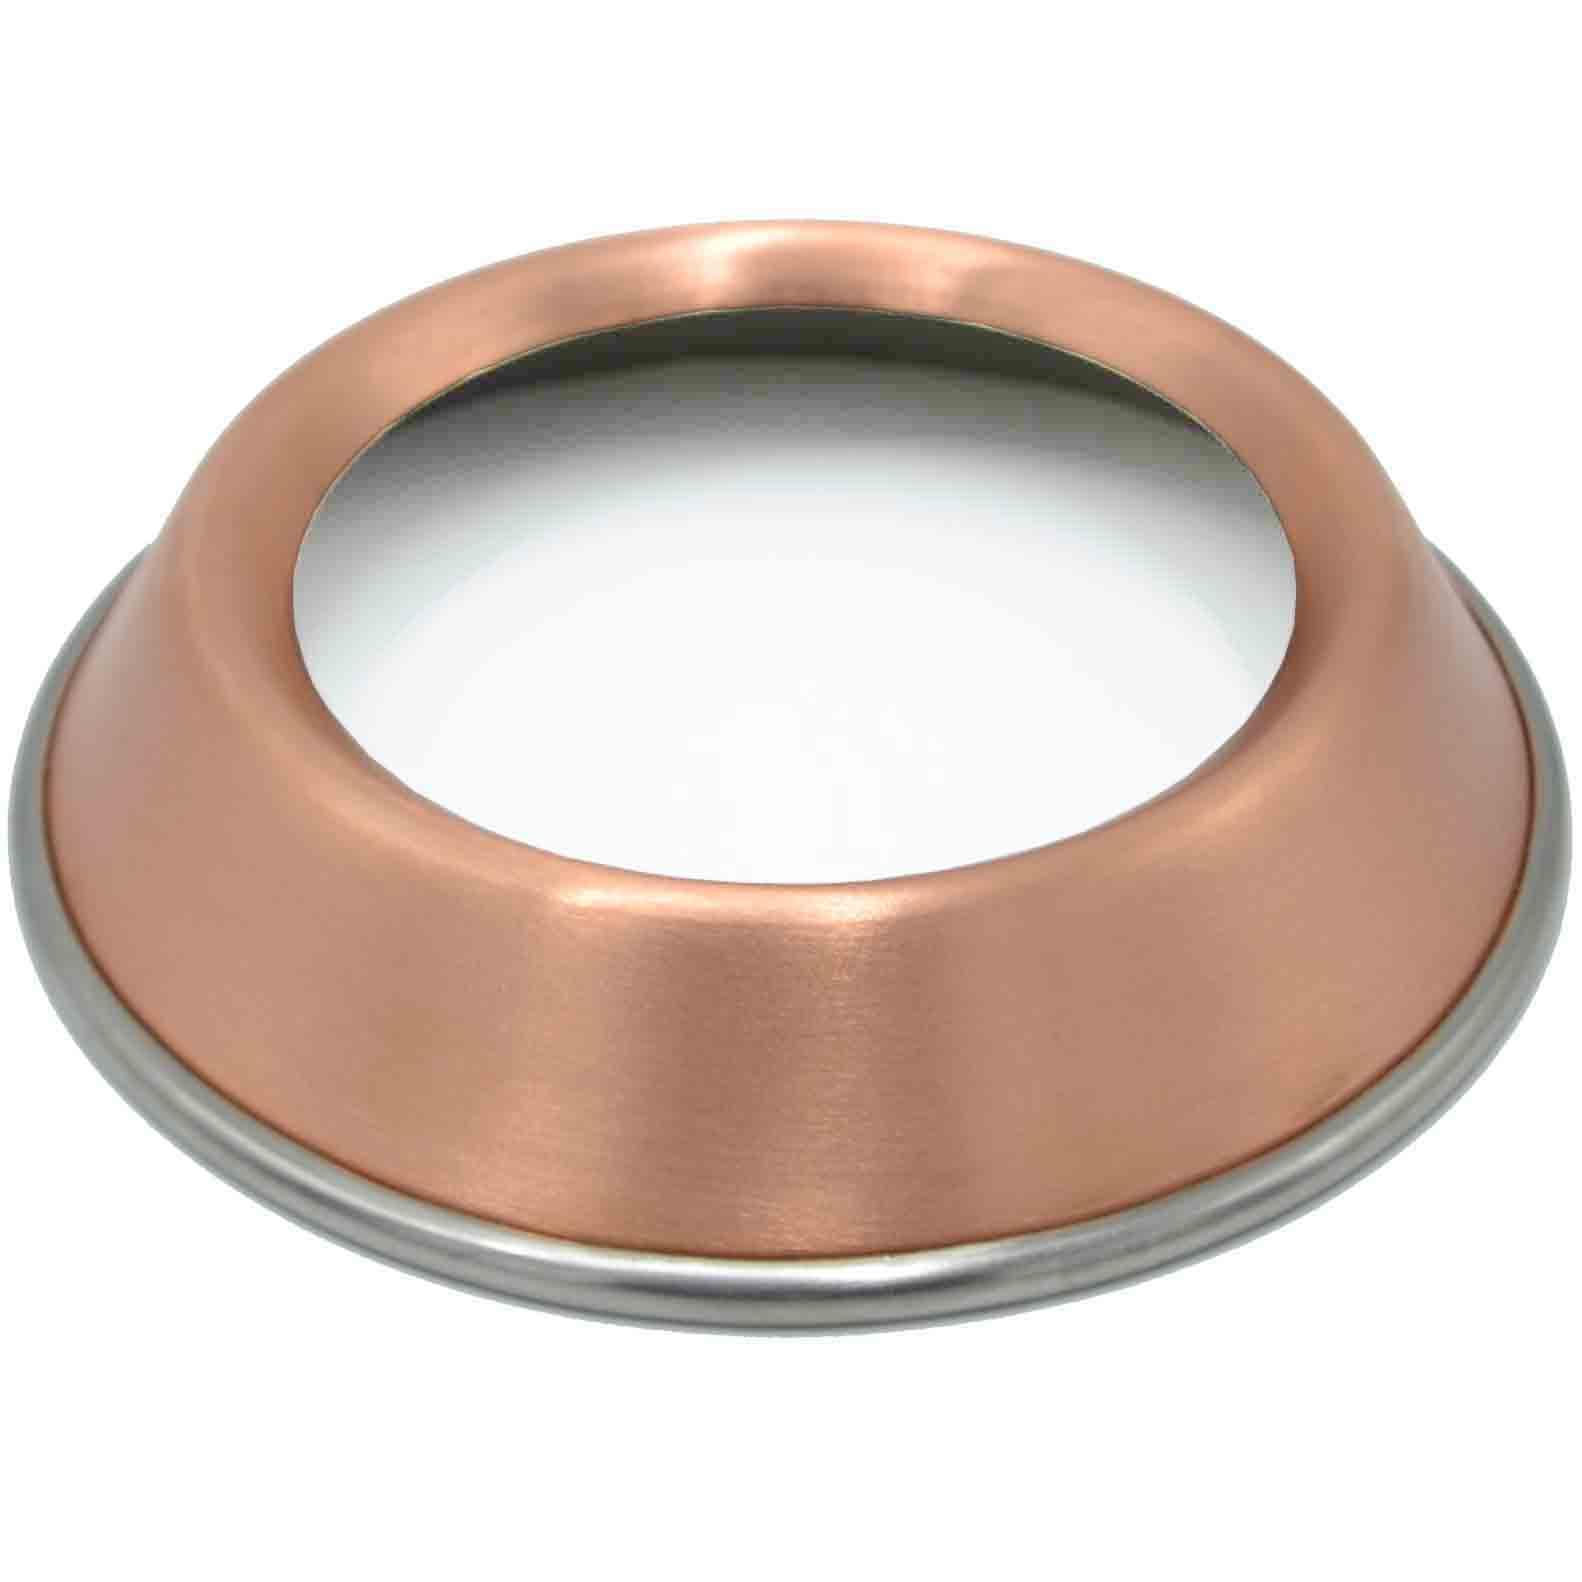 Kupfermanufaktur Auflagenring für Rührschüssel